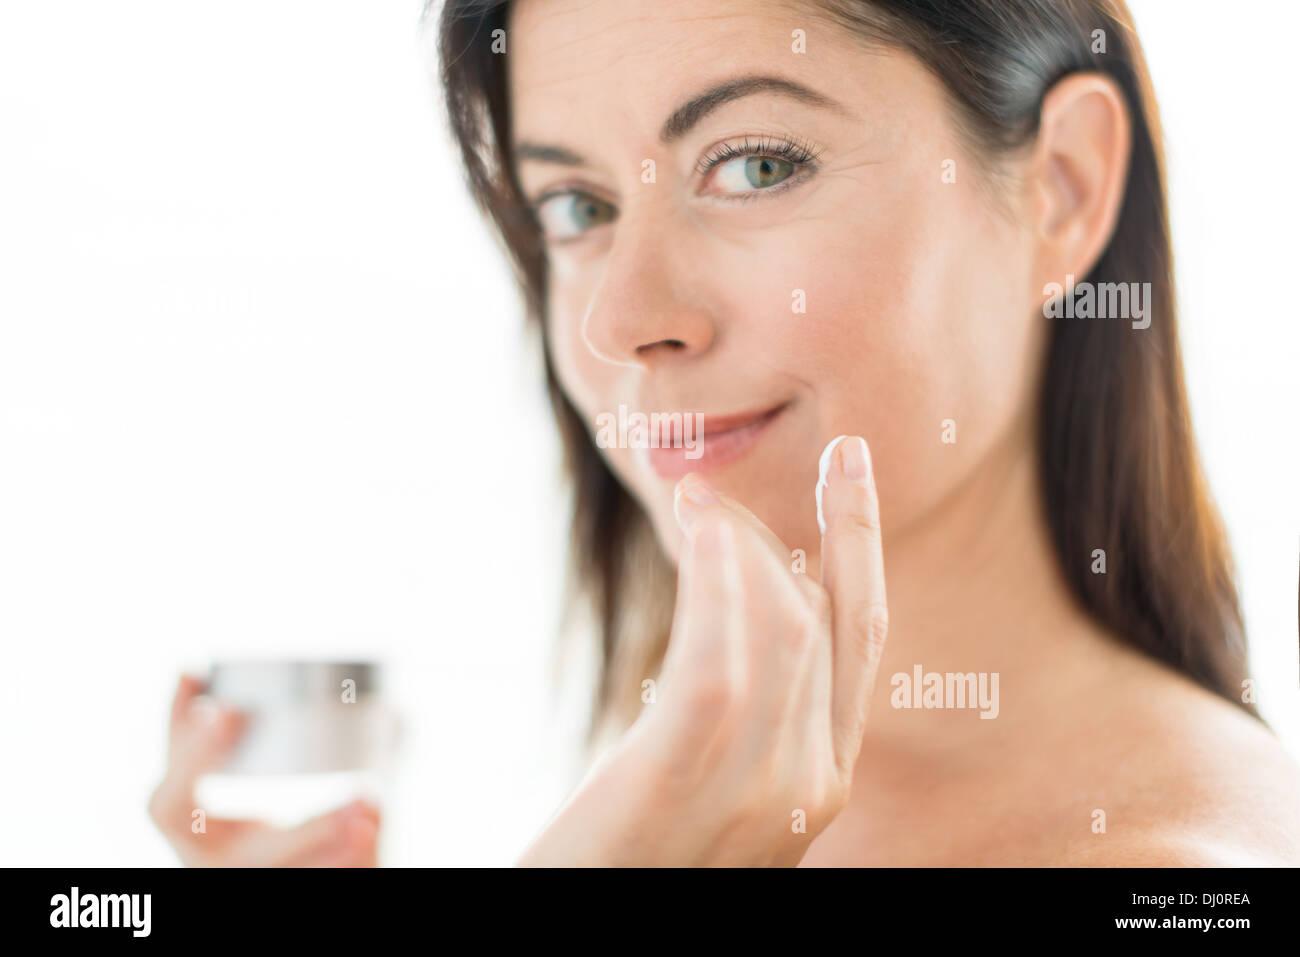 Porträt einer schönen Reife Dame gegen Falten mit einer luxuriösen Gesichtslotion Stockbild